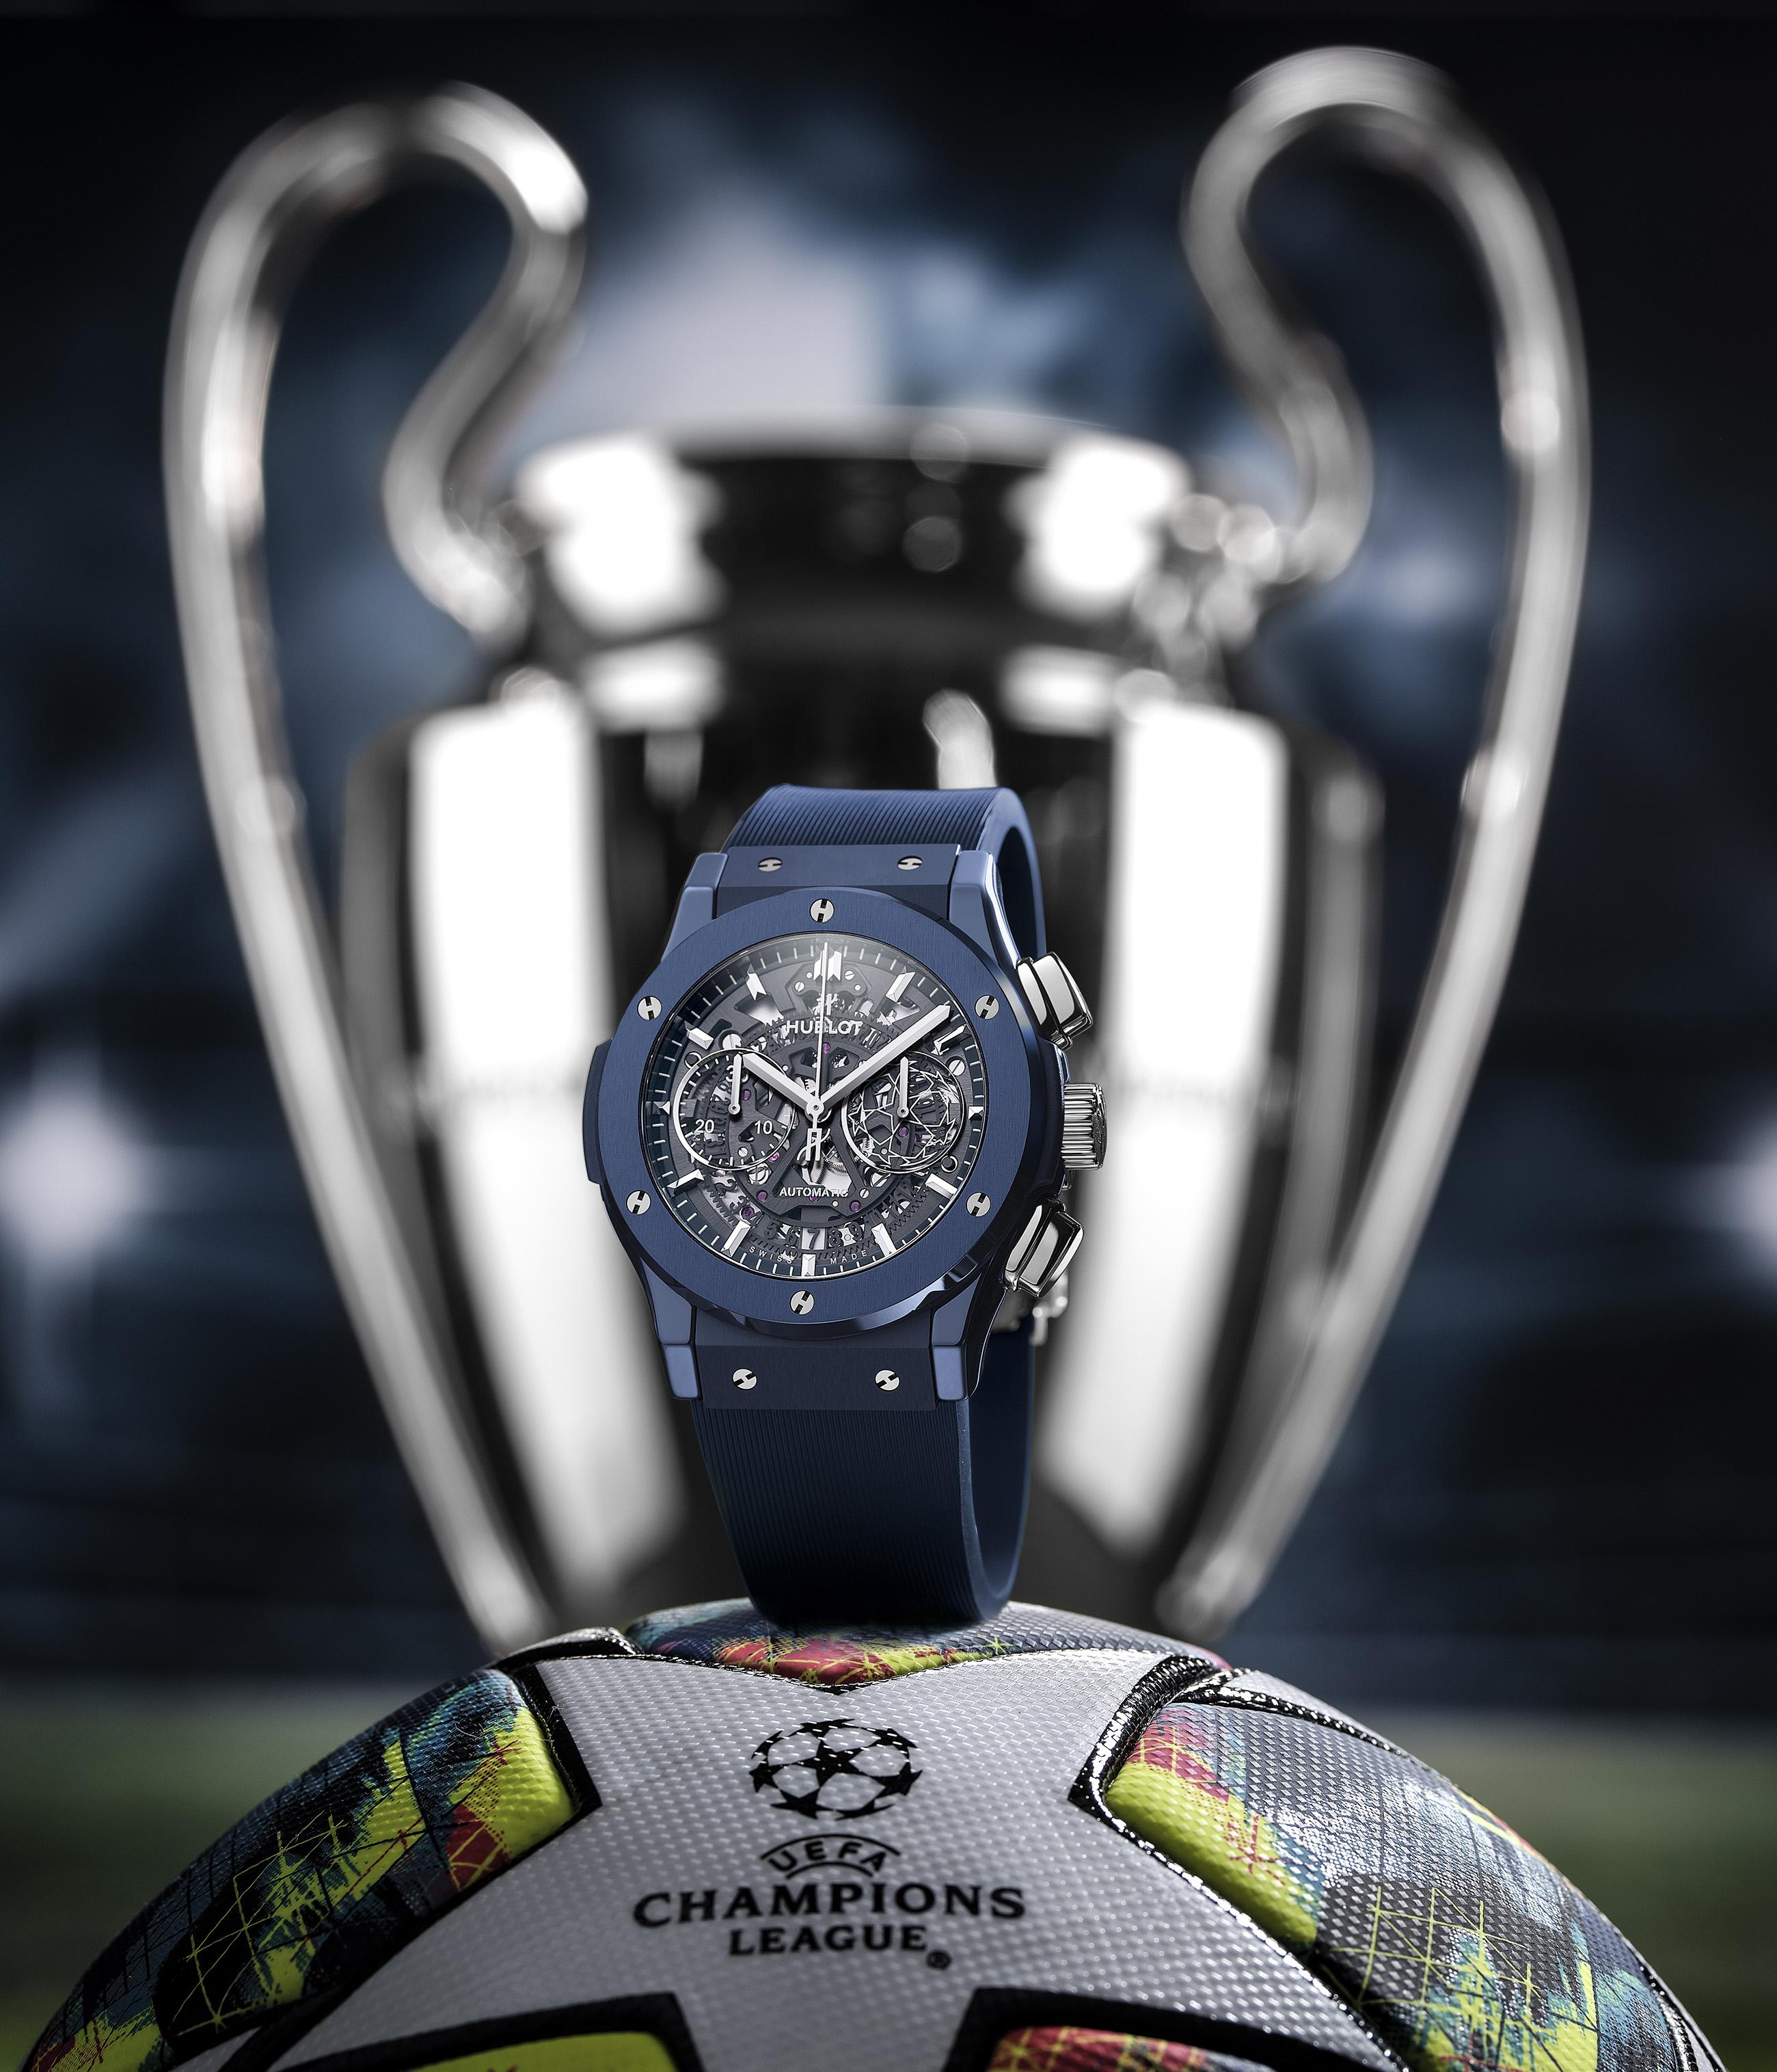 Classic Fusion Aerofusion Chronograph UEFA Champions League (5)